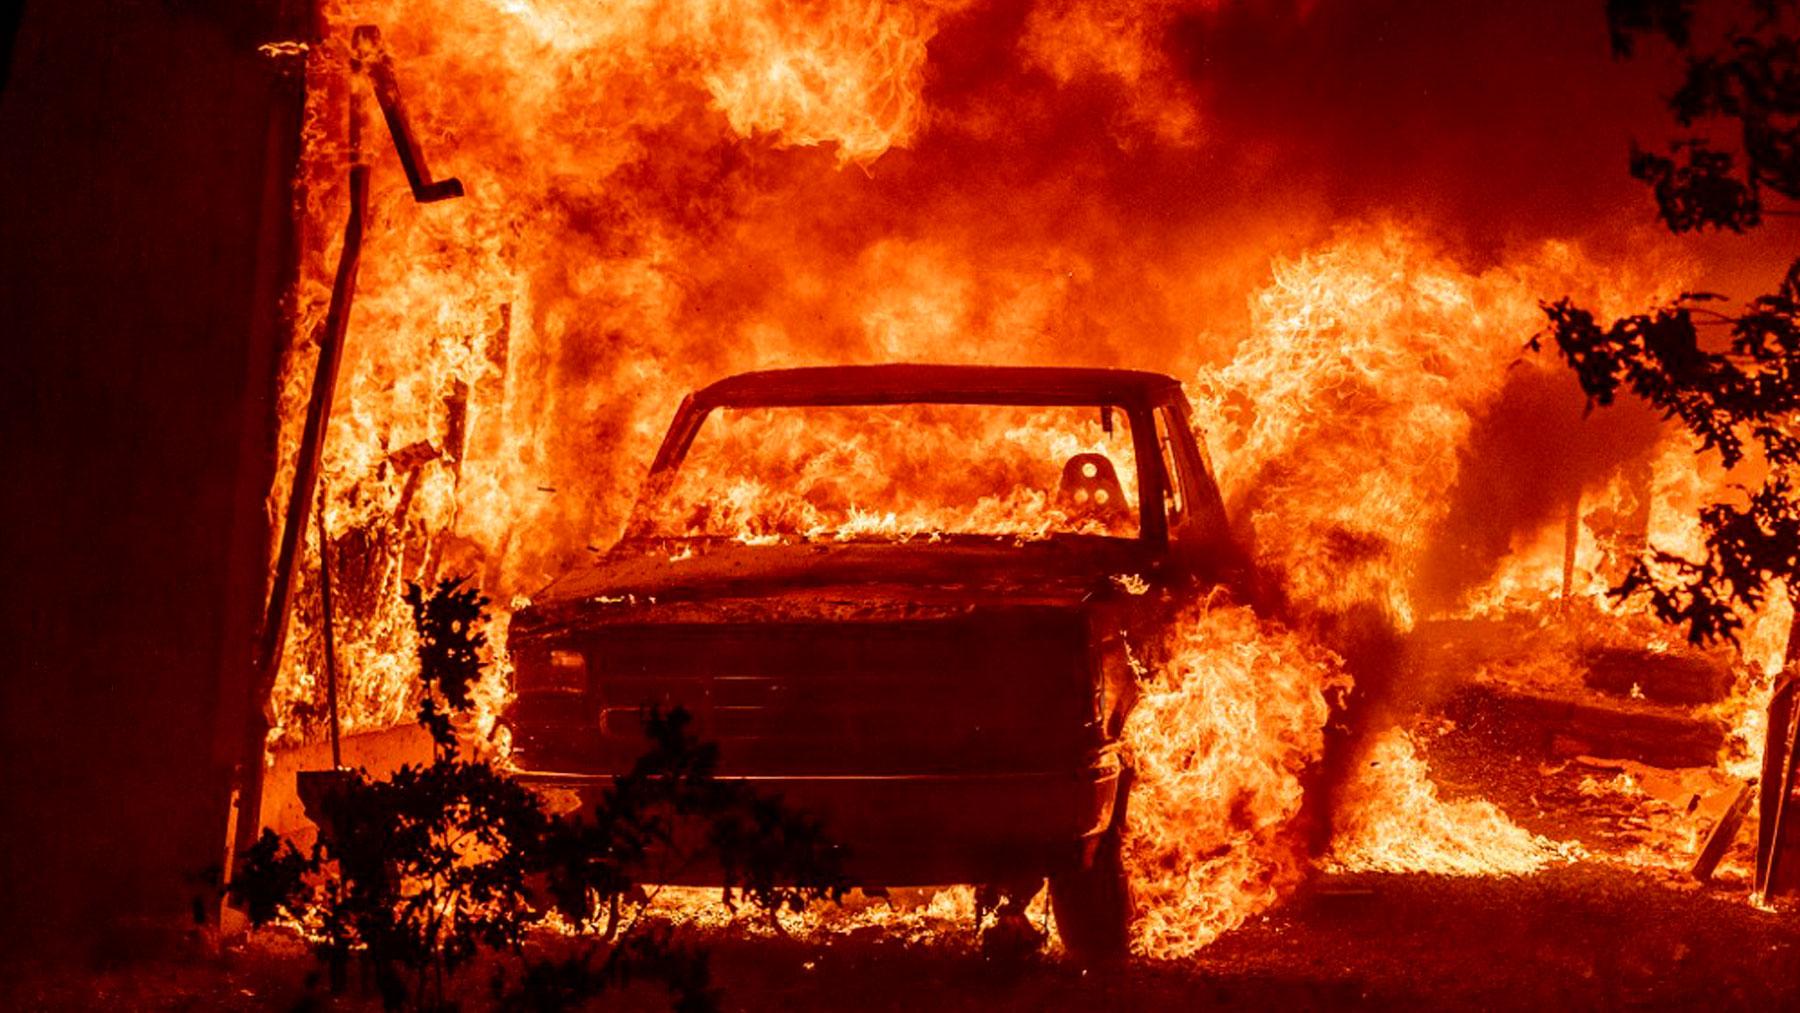 Un coche es pasto de las llamas del terrible incendio que avanza sin piedad en California, Estados Unidos. Foto: AFP